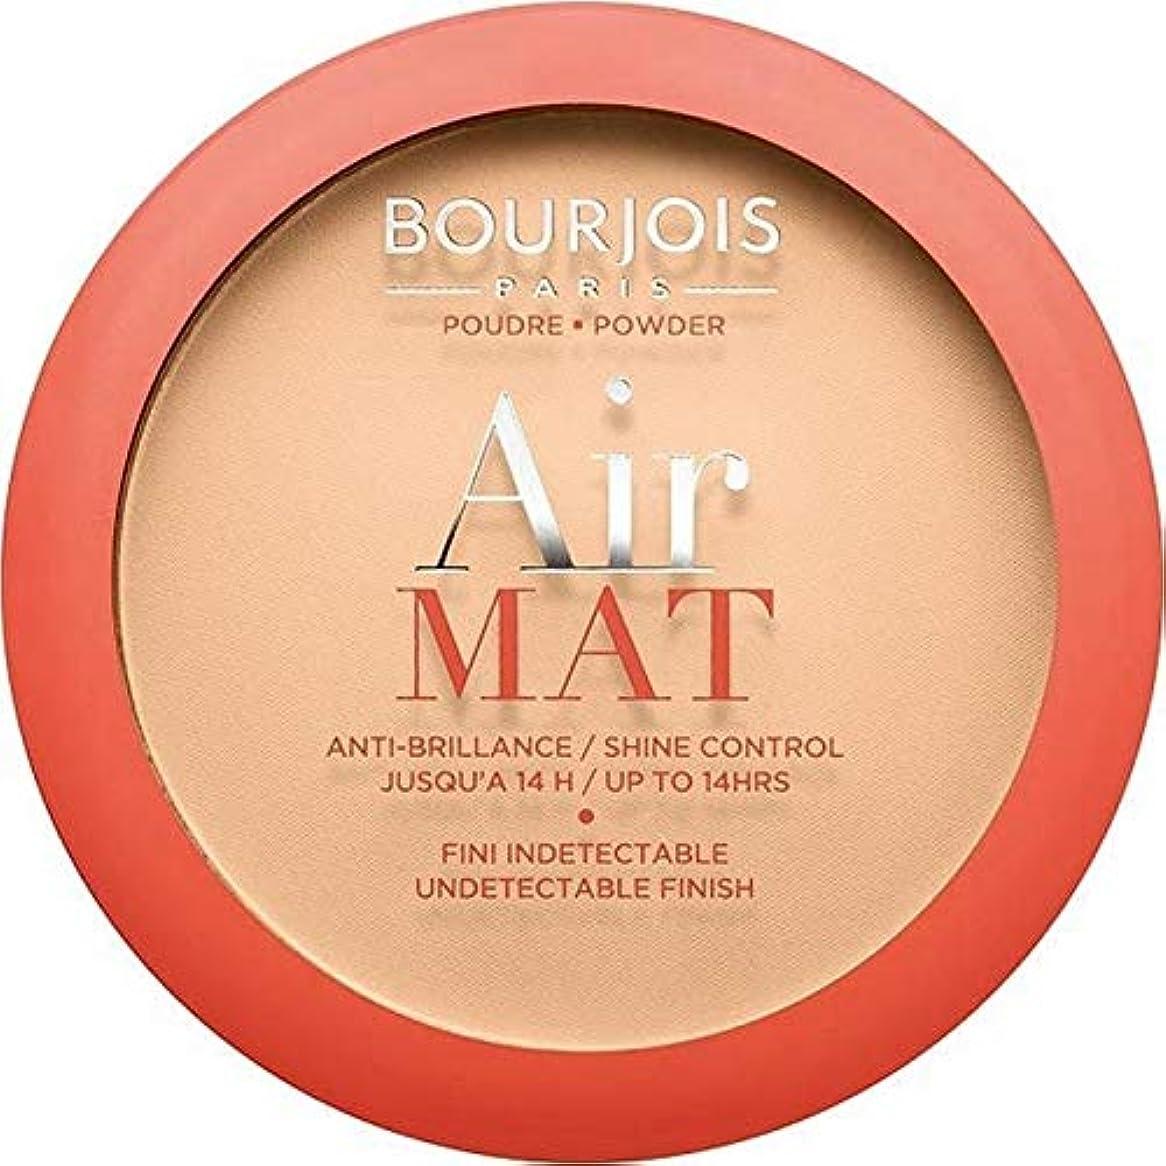 モニカクマノミ形成[Bourjois ] ブルジョワ空気マット圧粉 - ライトベージュ - Bourjois Air Mat Pressed Powder - Light Beige [並行輸入品]